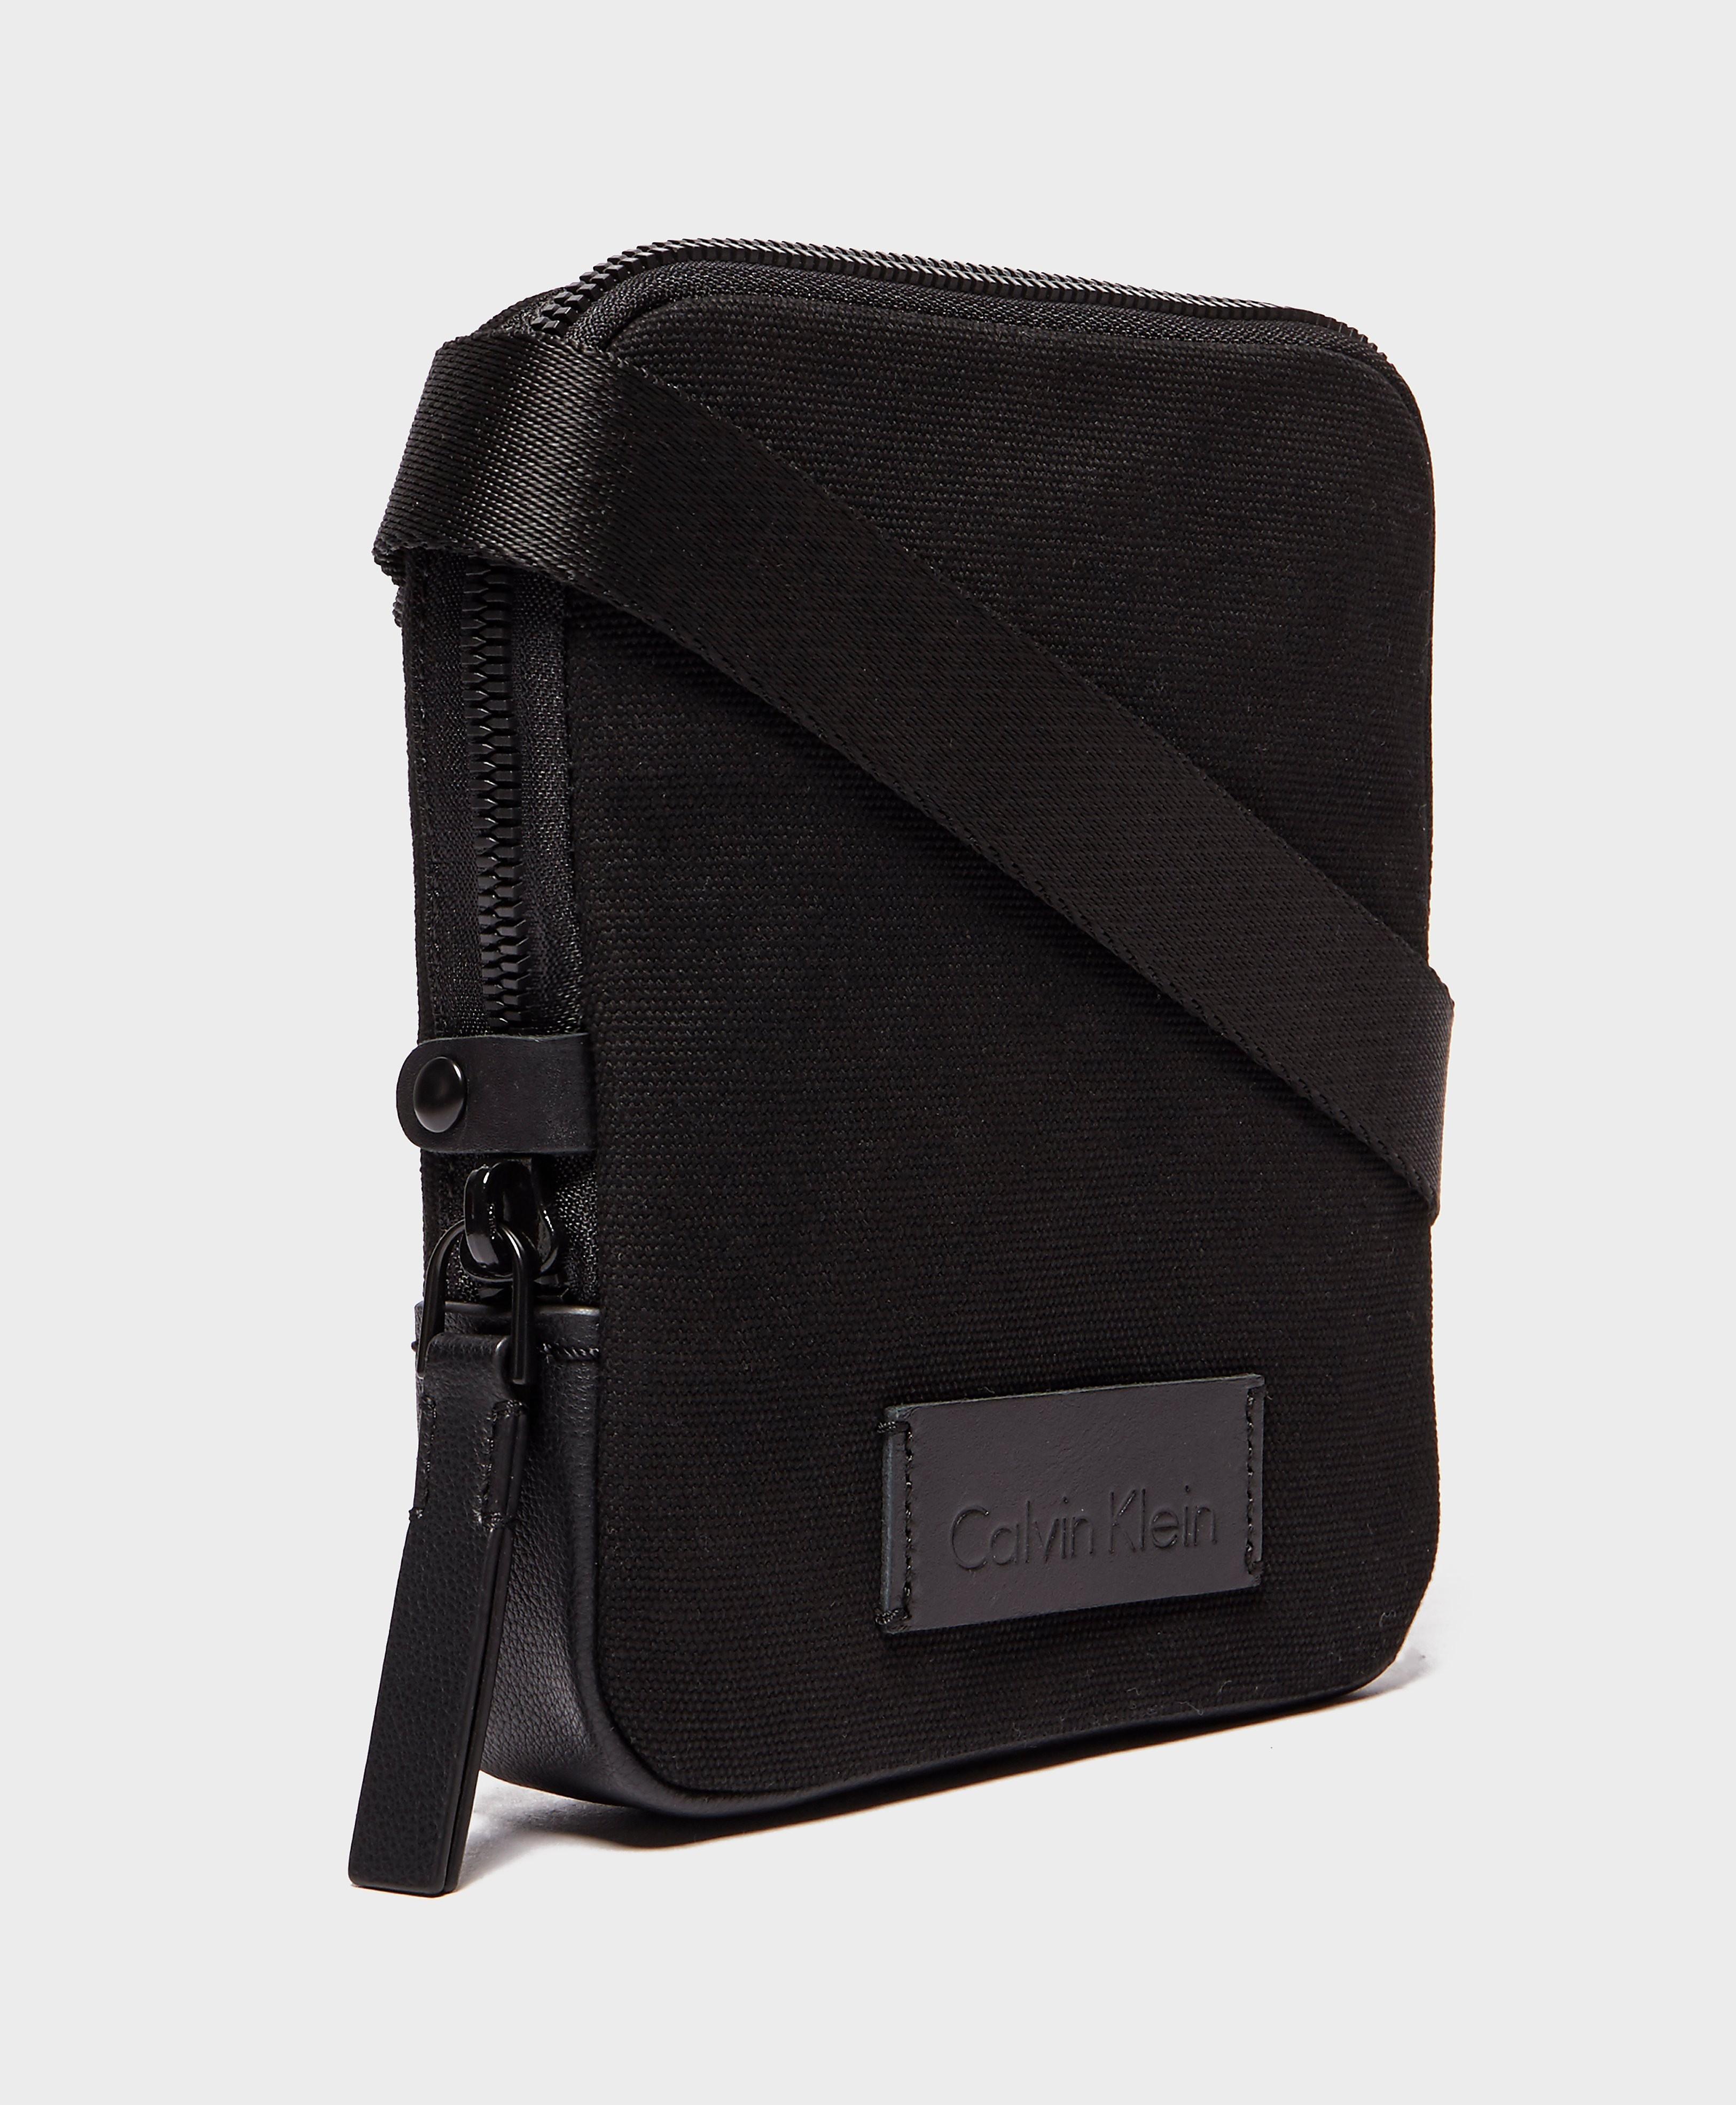 Calvin Klein Modern Mini Grip Bag